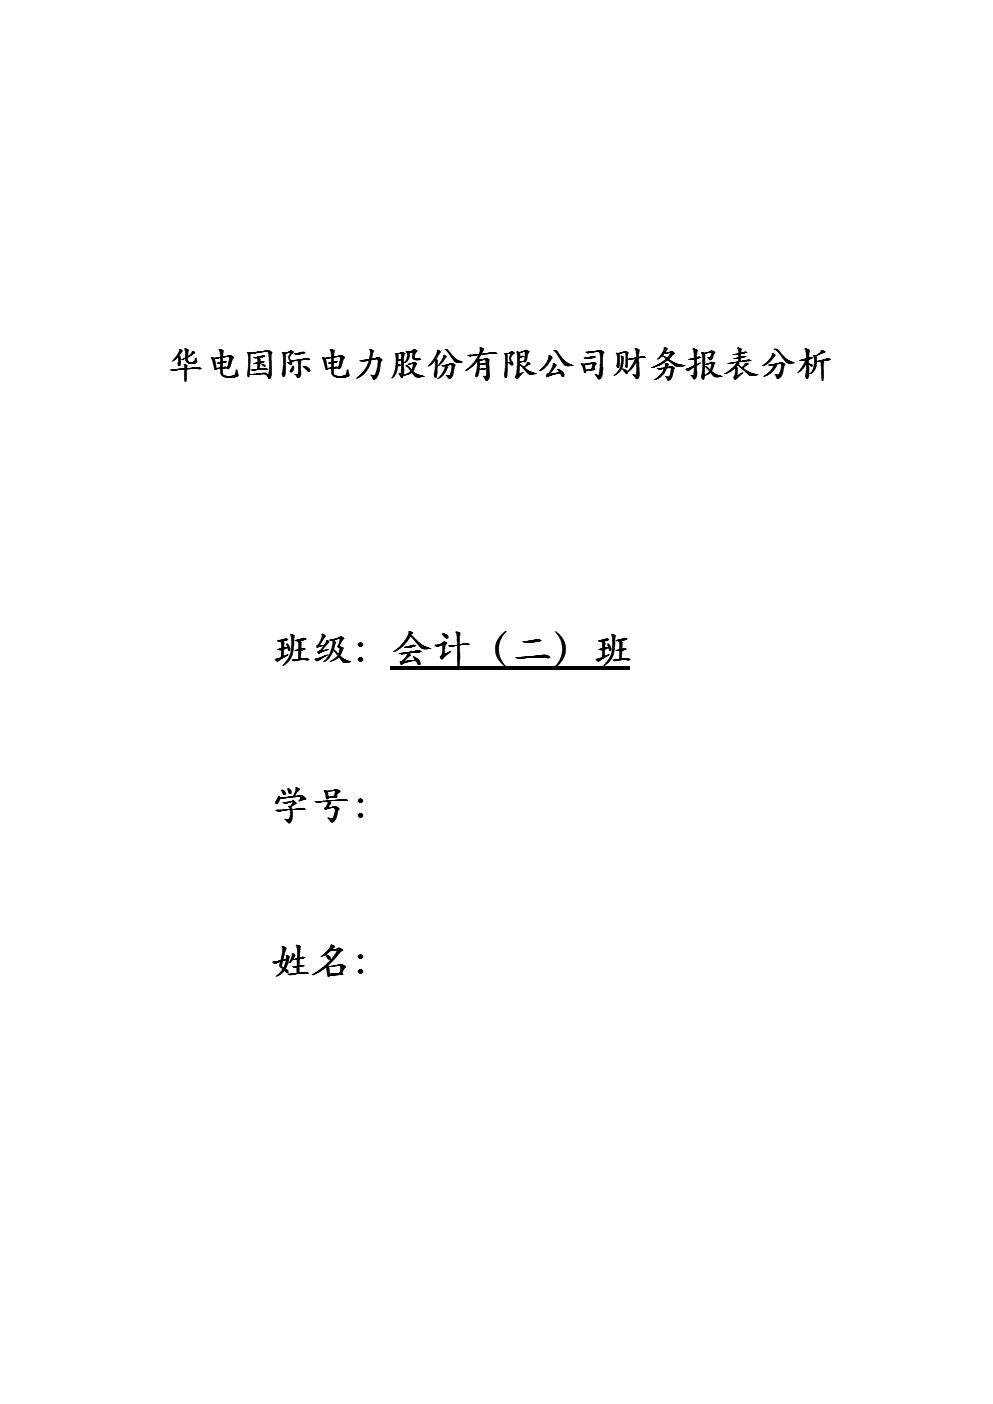 华电国际电力股份有限公司财务报表分析.doc